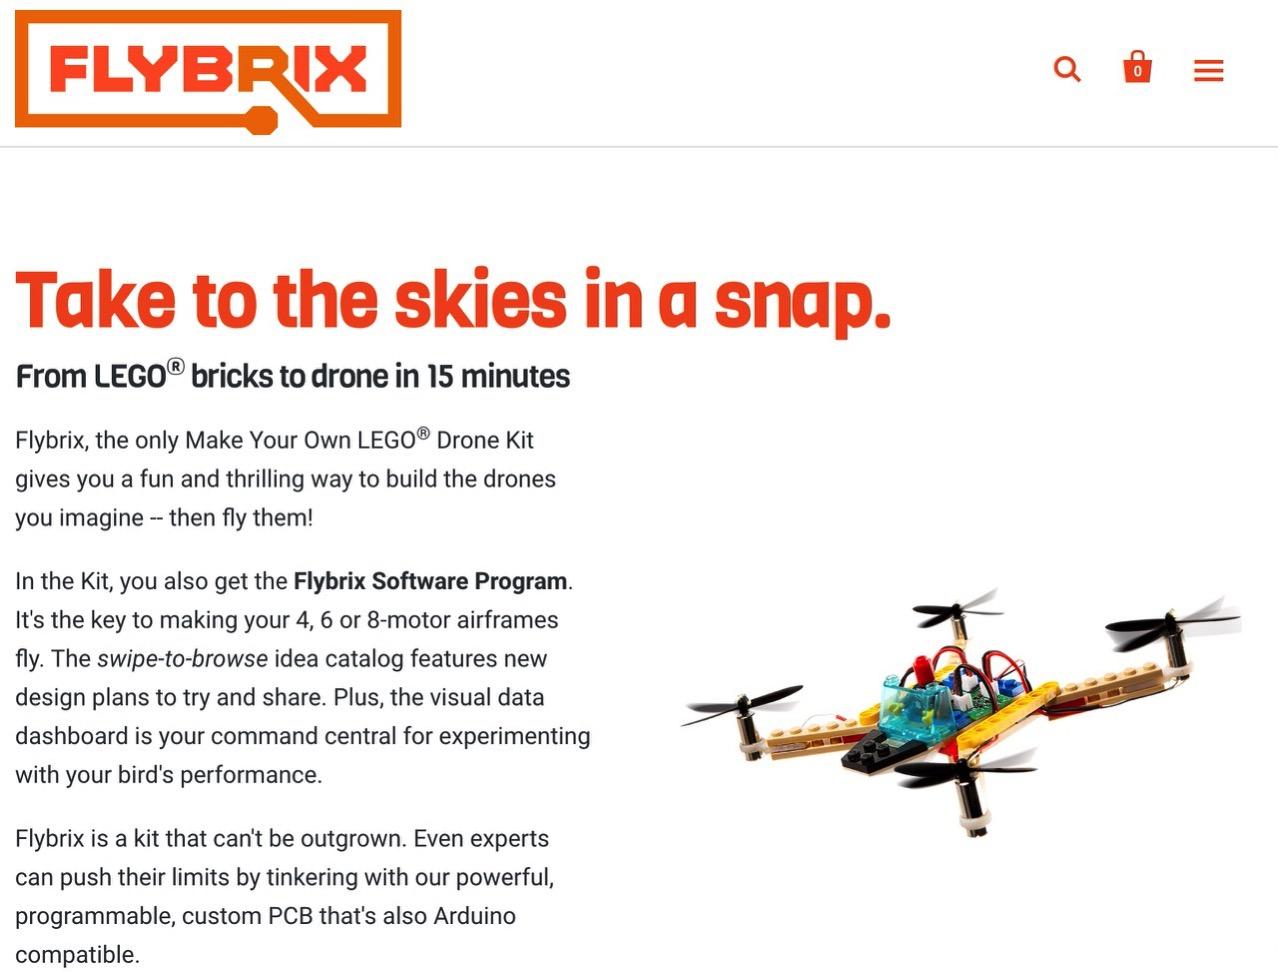 LEGOをドローンにして飛ばすことができるキット「Flybrix」189ドル